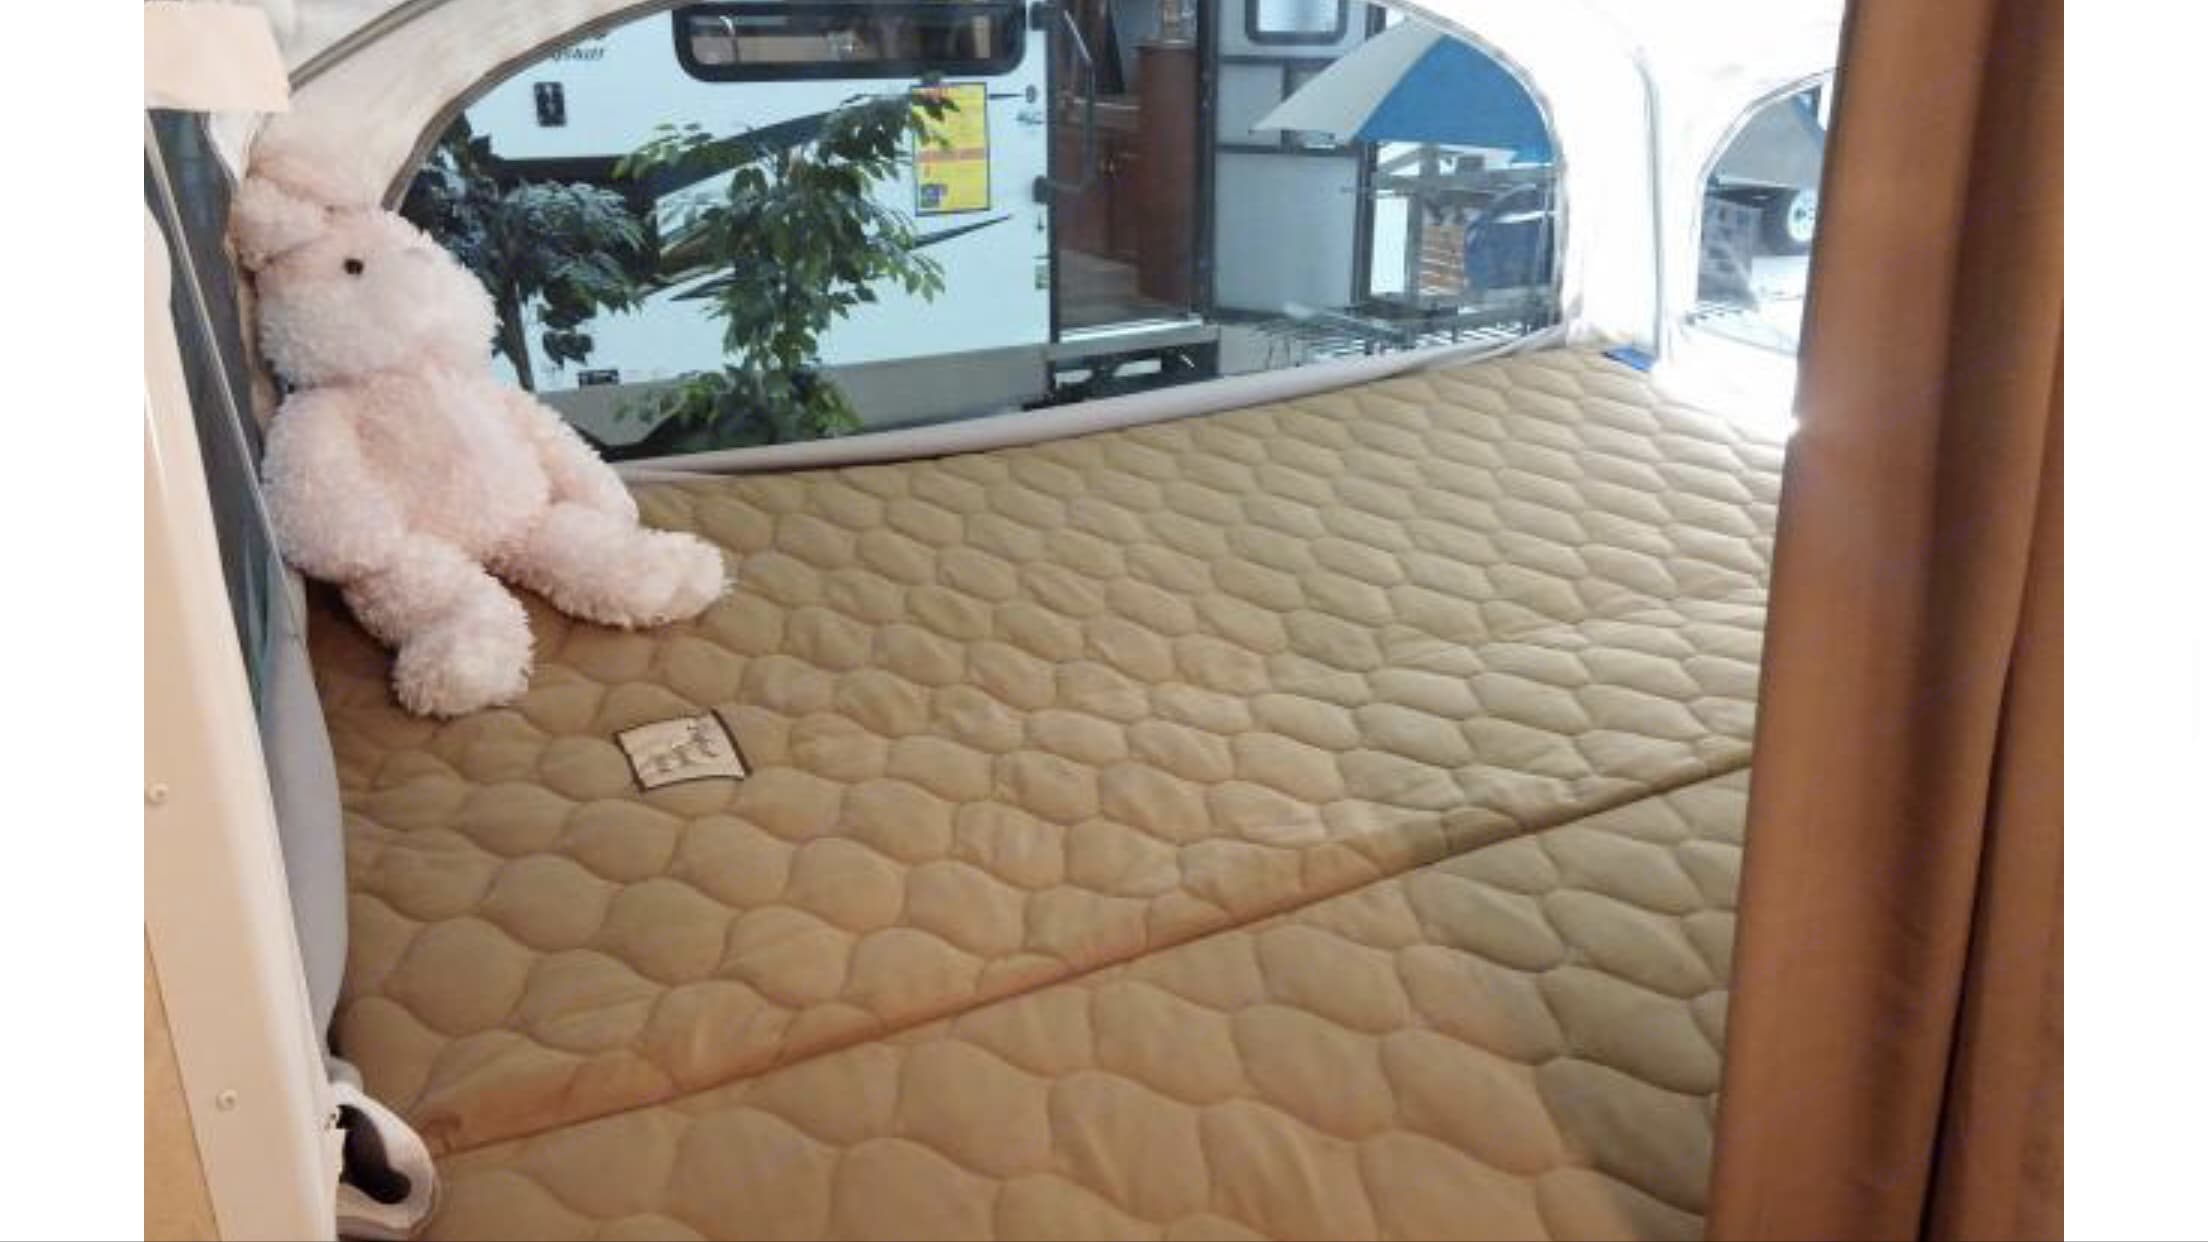 Queen bed. Coachmen Apex 2014